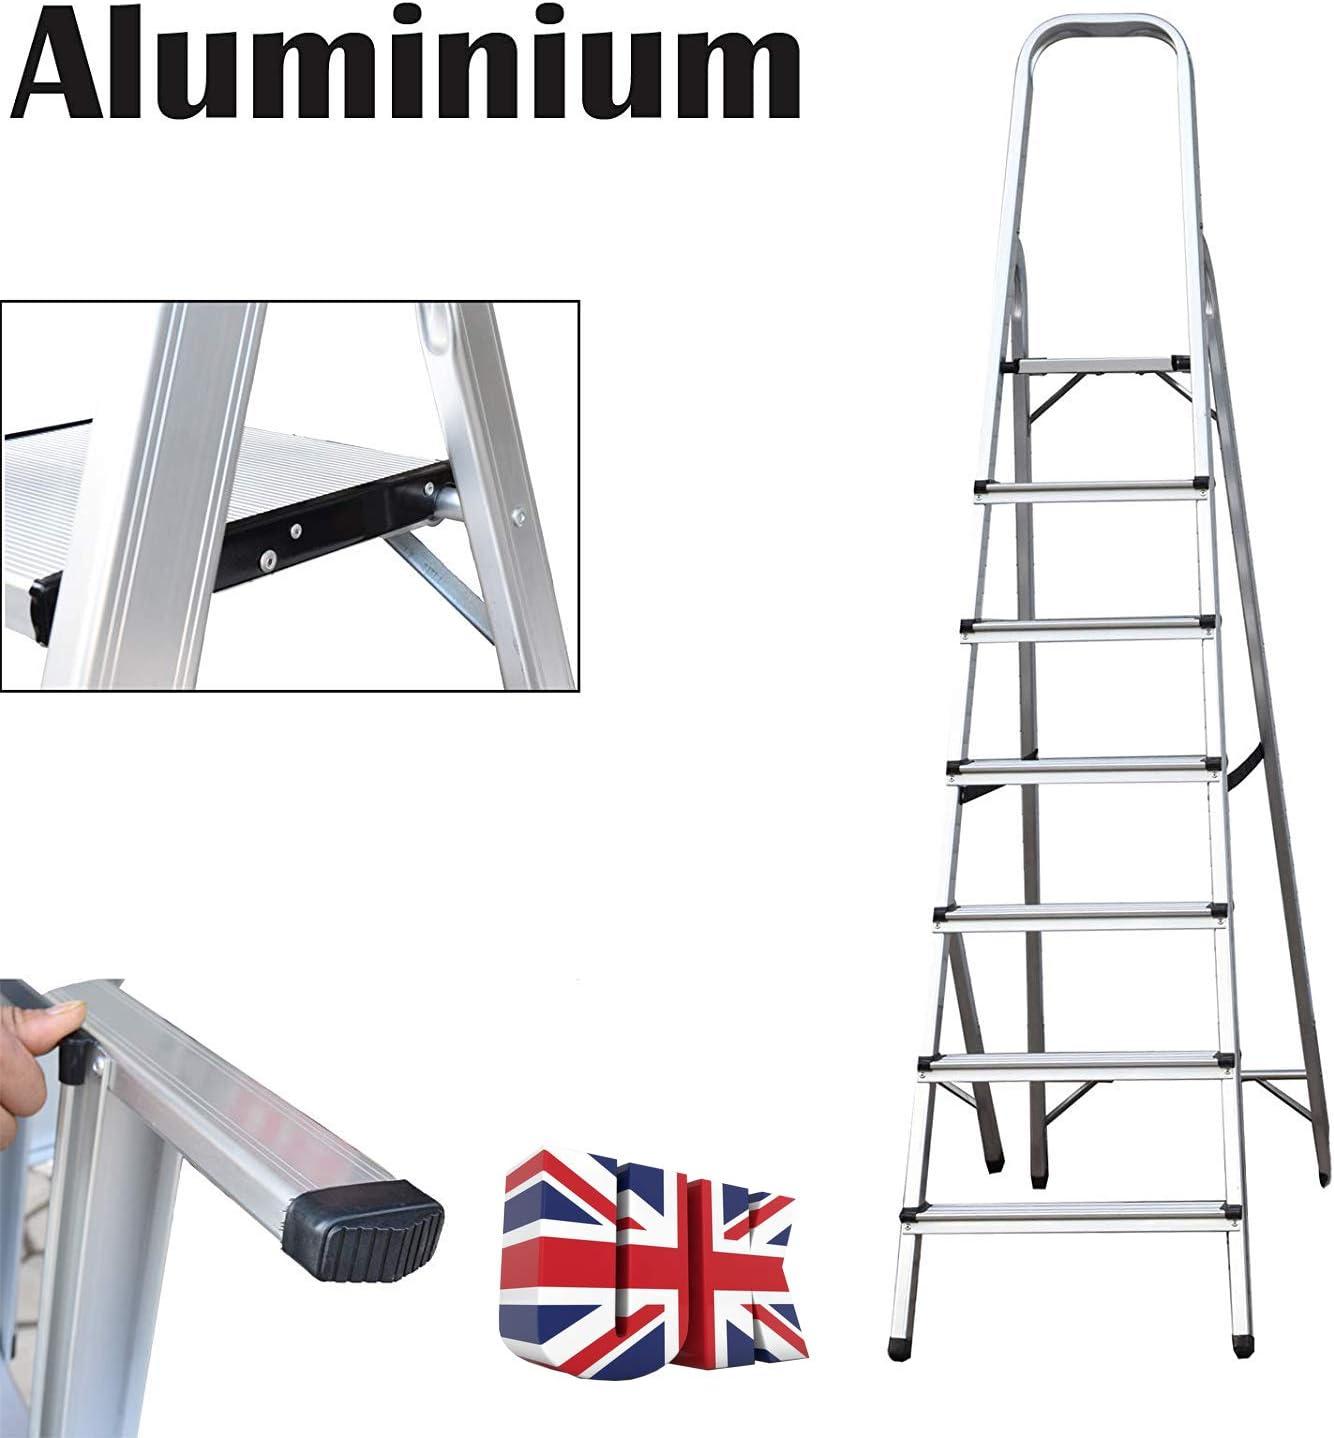 Escalera de aluminio de 7 peldaños, antideslizante, plegable, ligera, 150 kg, carga máxima para el hogar y la oficina: Amazon.es: Bricolaje y herramientas